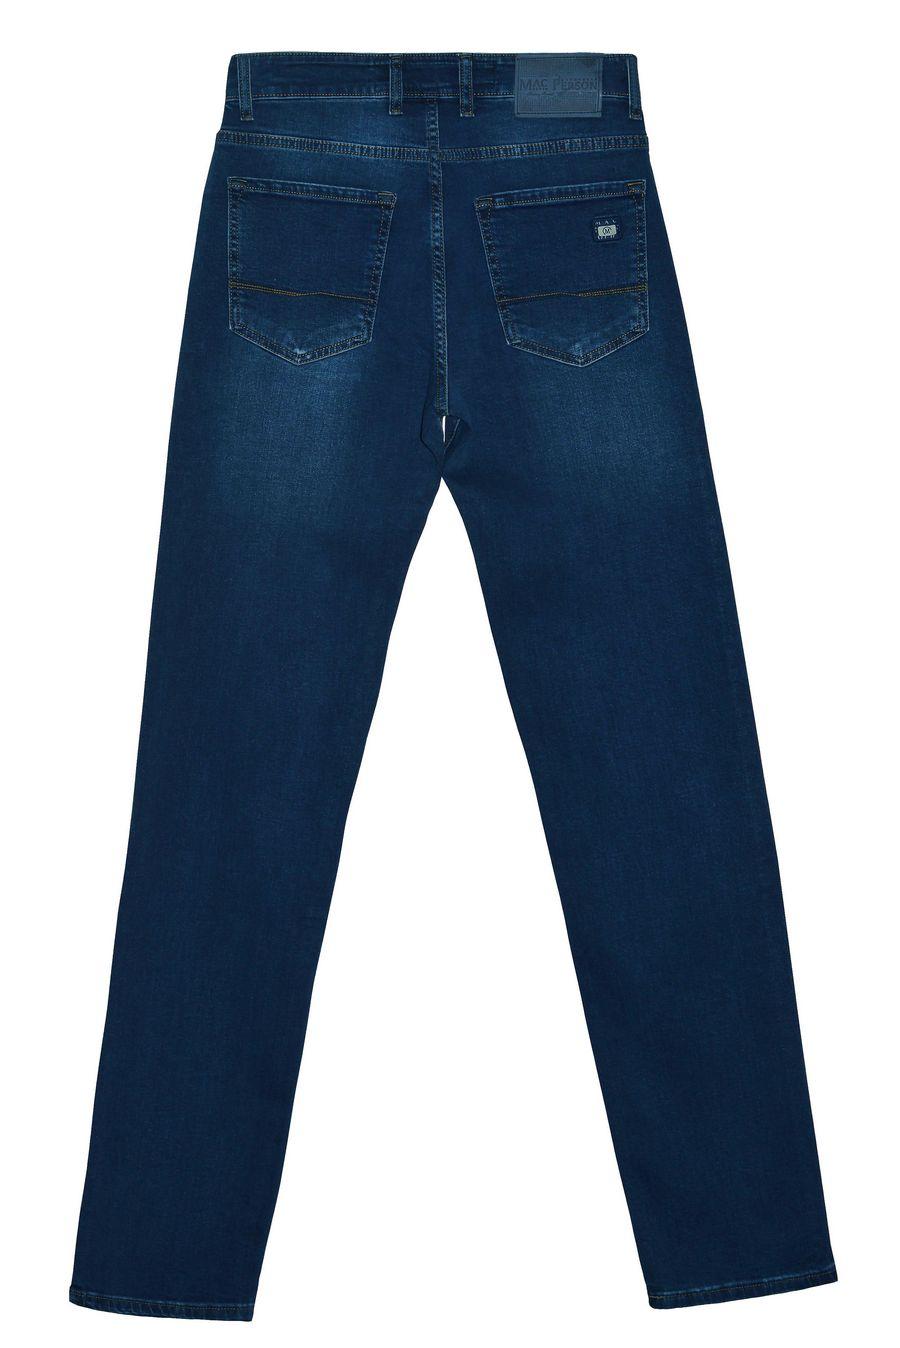 Джинсы мужские MAC Person 2922-12059 Blue Blue L36 - фото 2